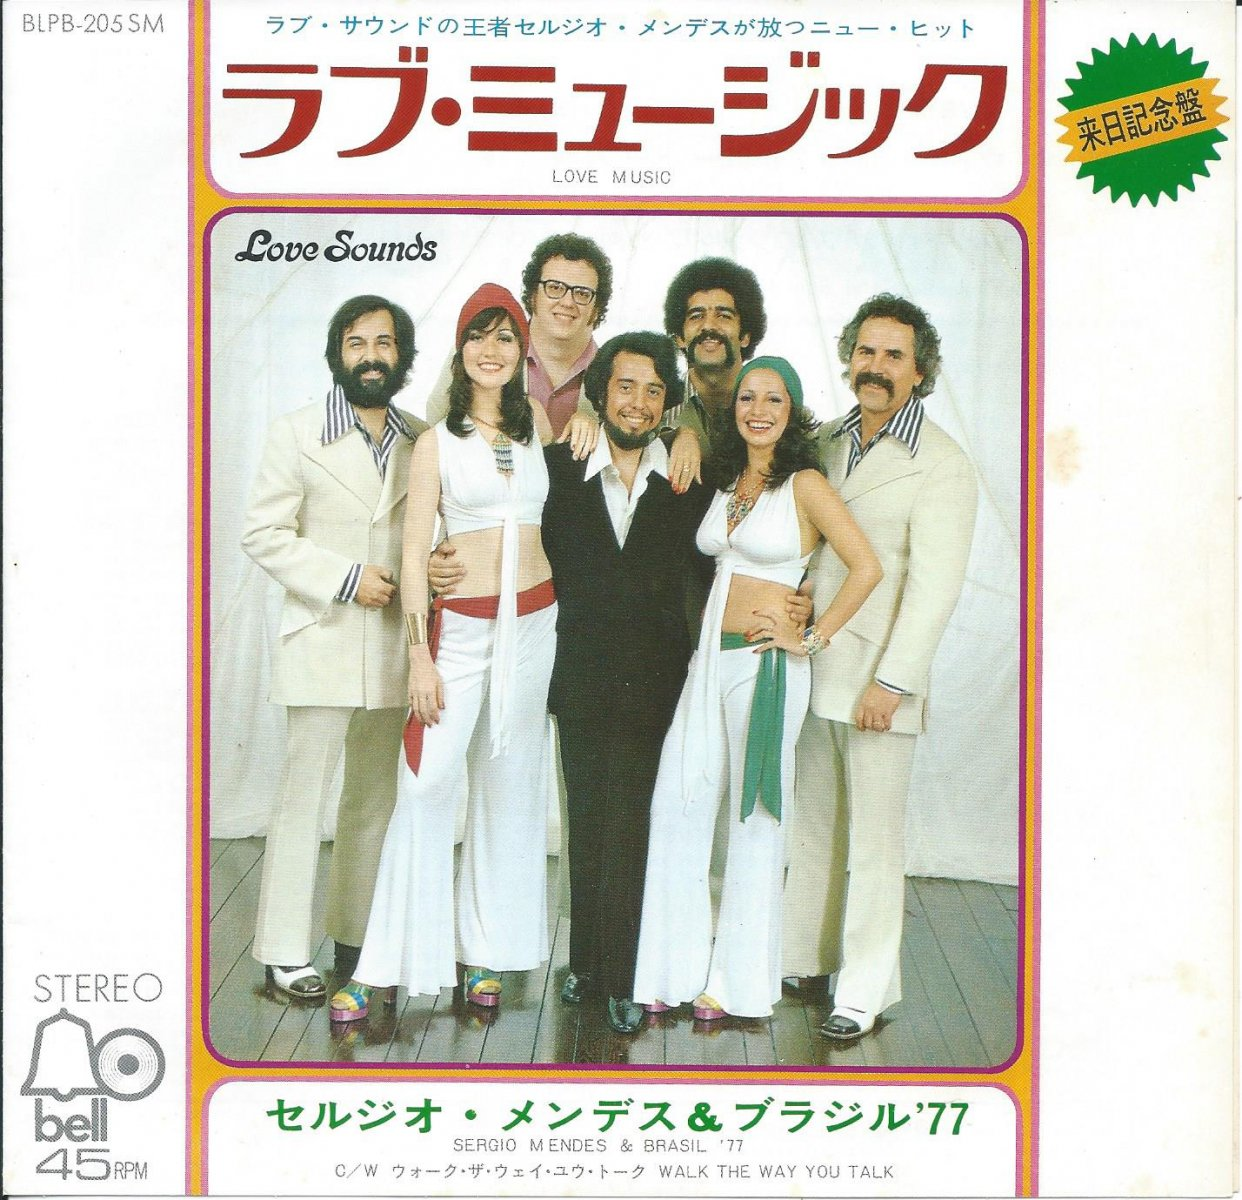 セルジオ・メンデス & ブラジル '77 SERGIO MENDES & BRASIL '77 / ラブ・ミュージック LOVE MUSIC (7